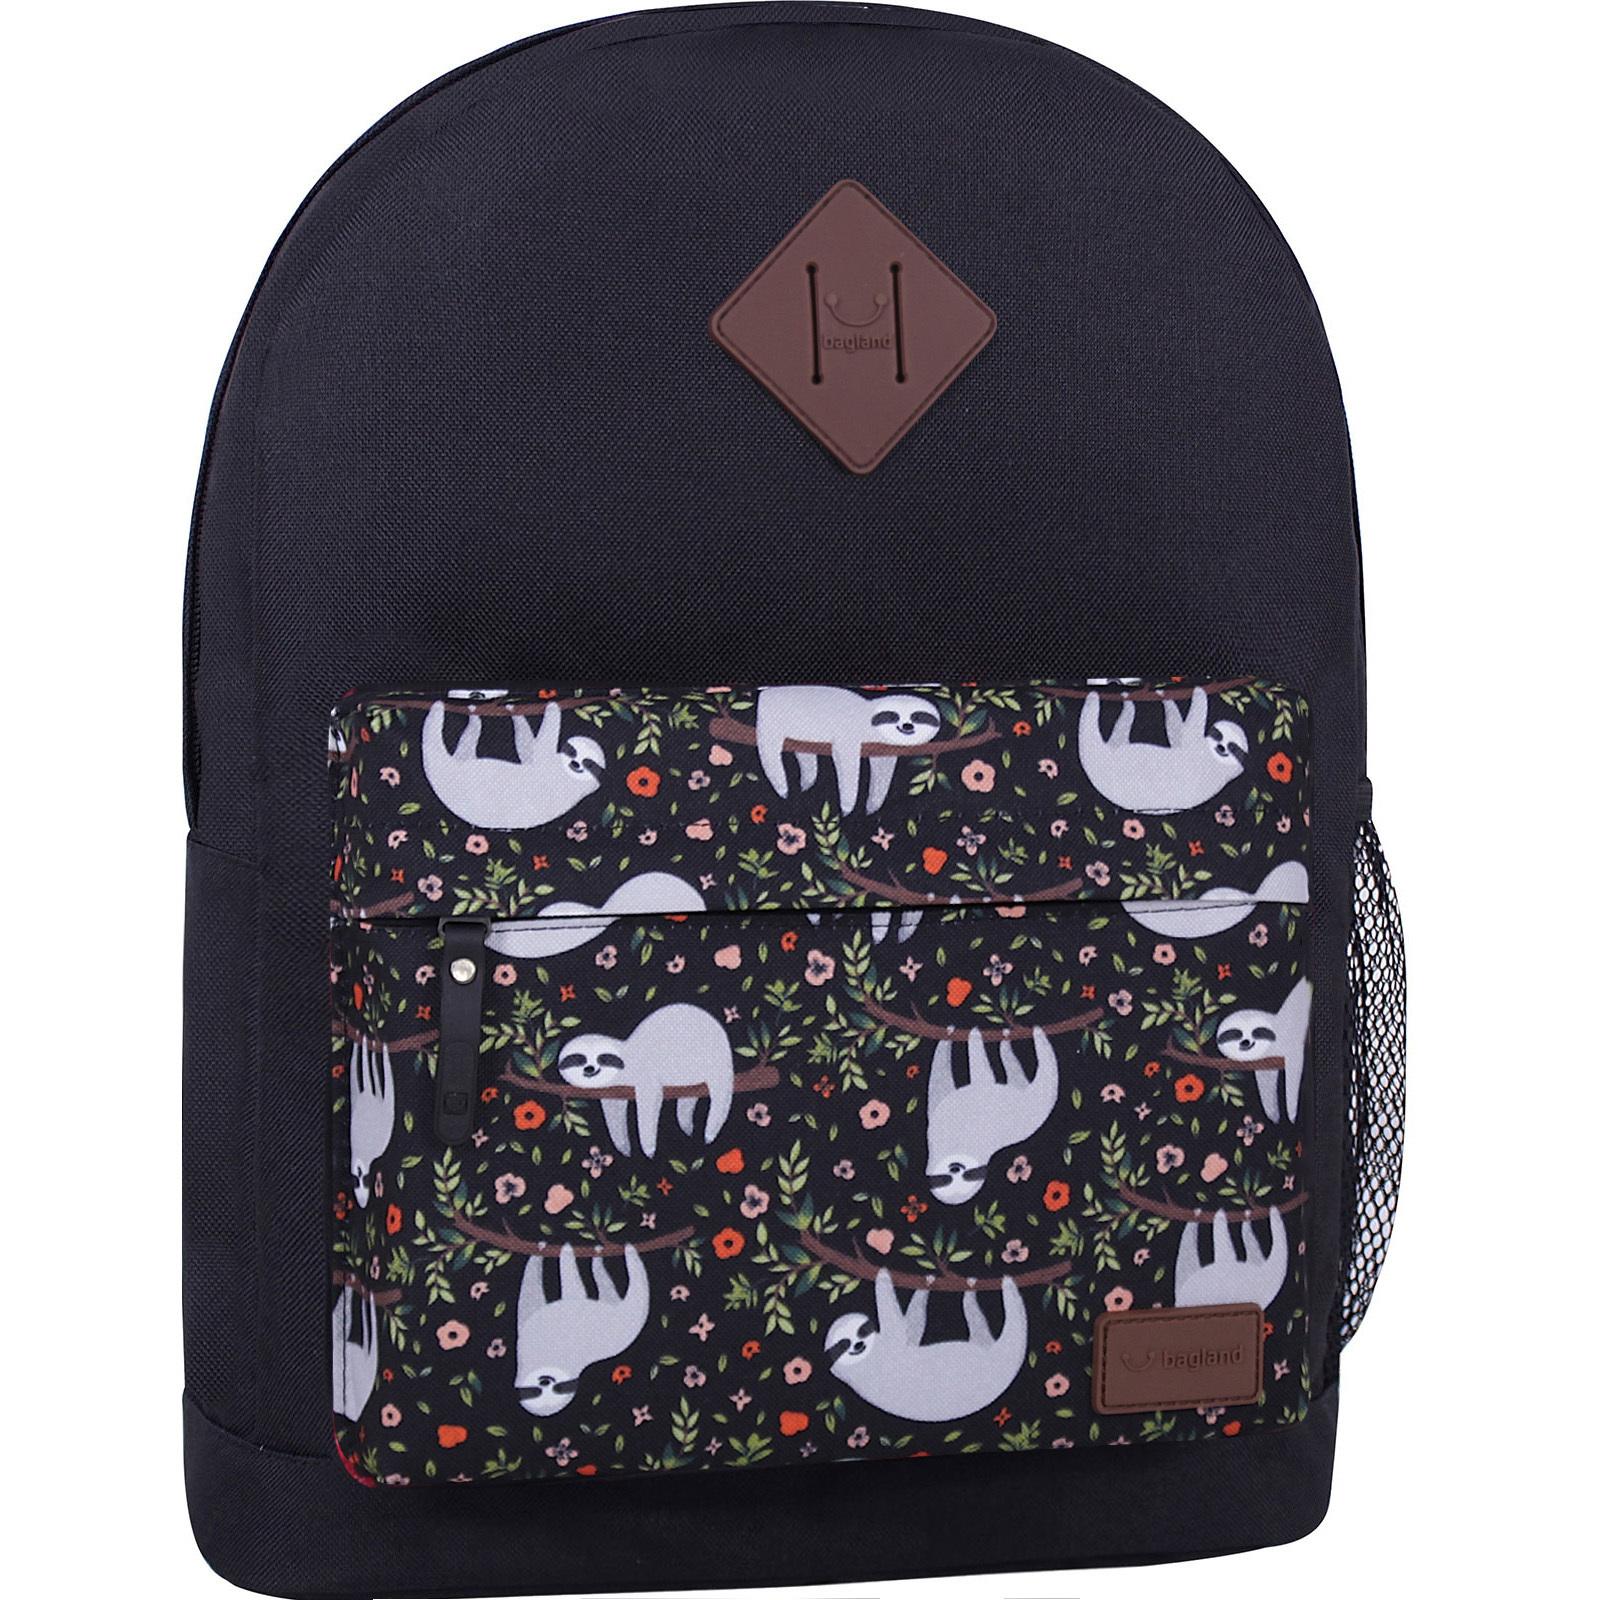 Молодежные рюкзаки Рюкзак Bagland Молодежный W/R 17 л. Чёрный 743 (00533662) IMG_7251_суб.743_.JPG